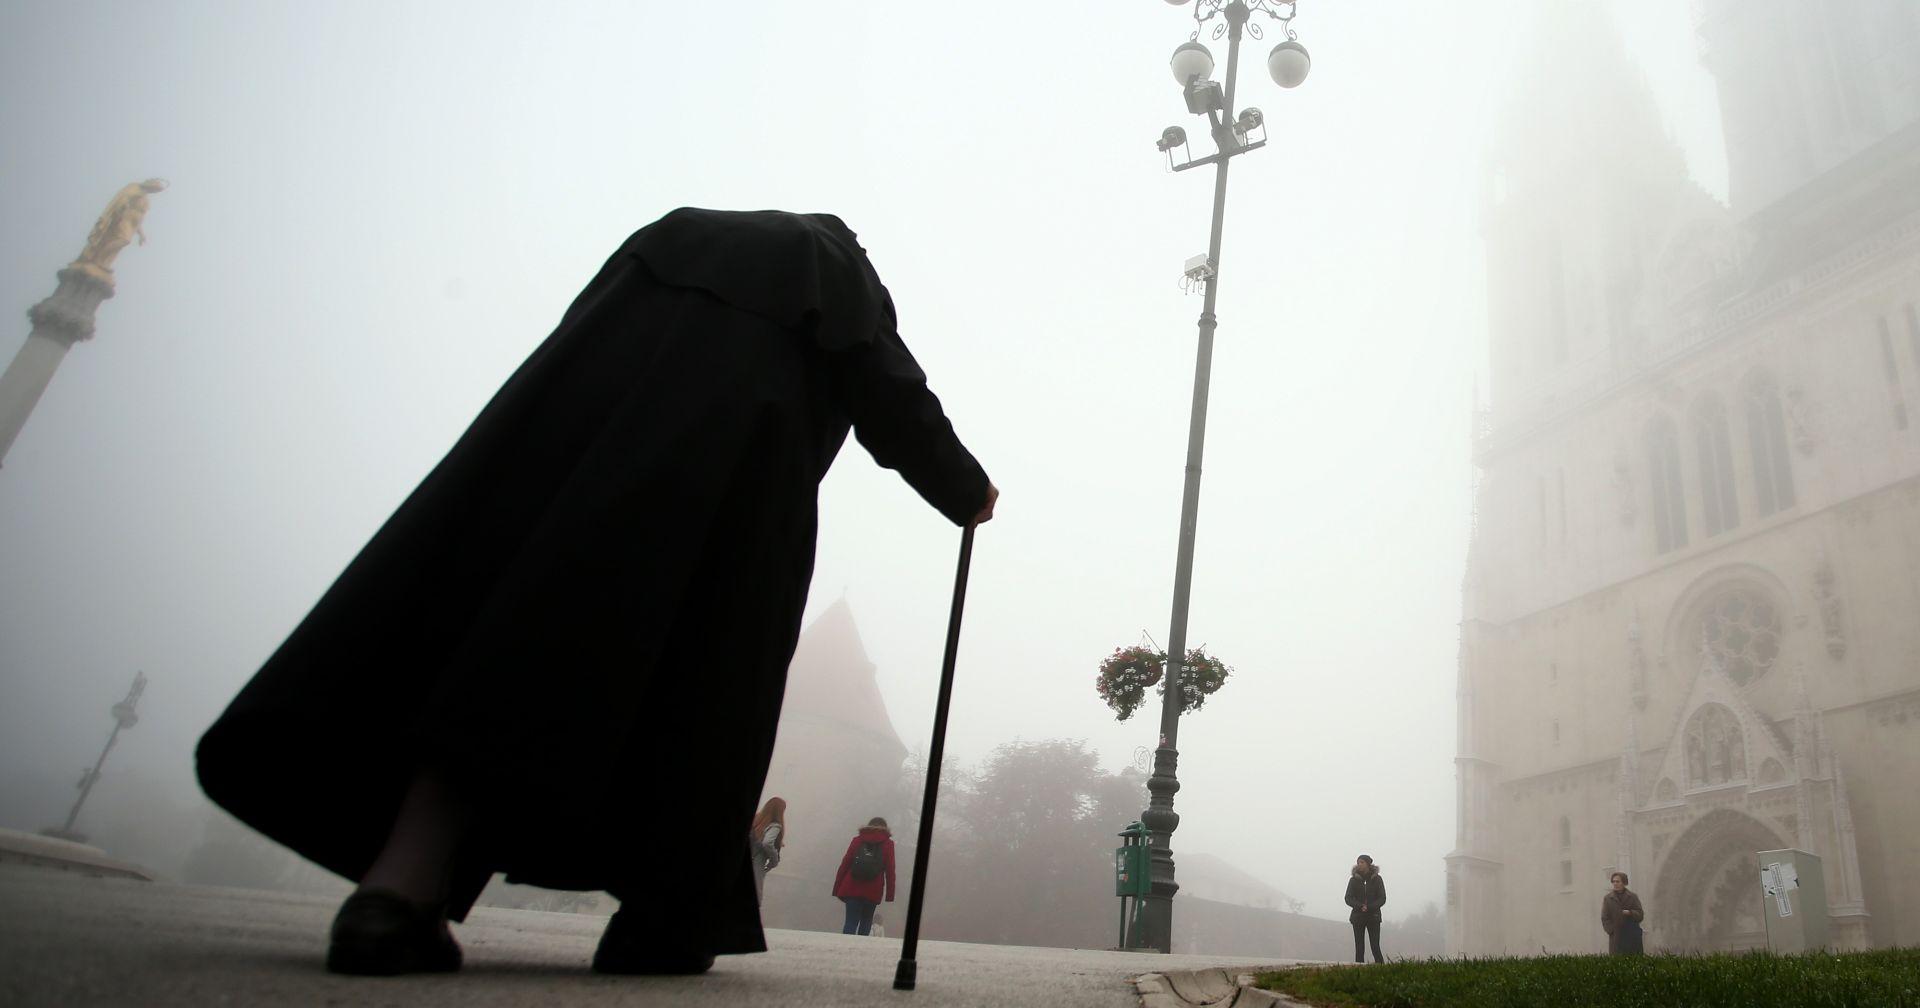 UPOZORENJA ZBOG POLEDICE Sunčano na Jadranu, u unutrašnjosti magla i niski oblaci